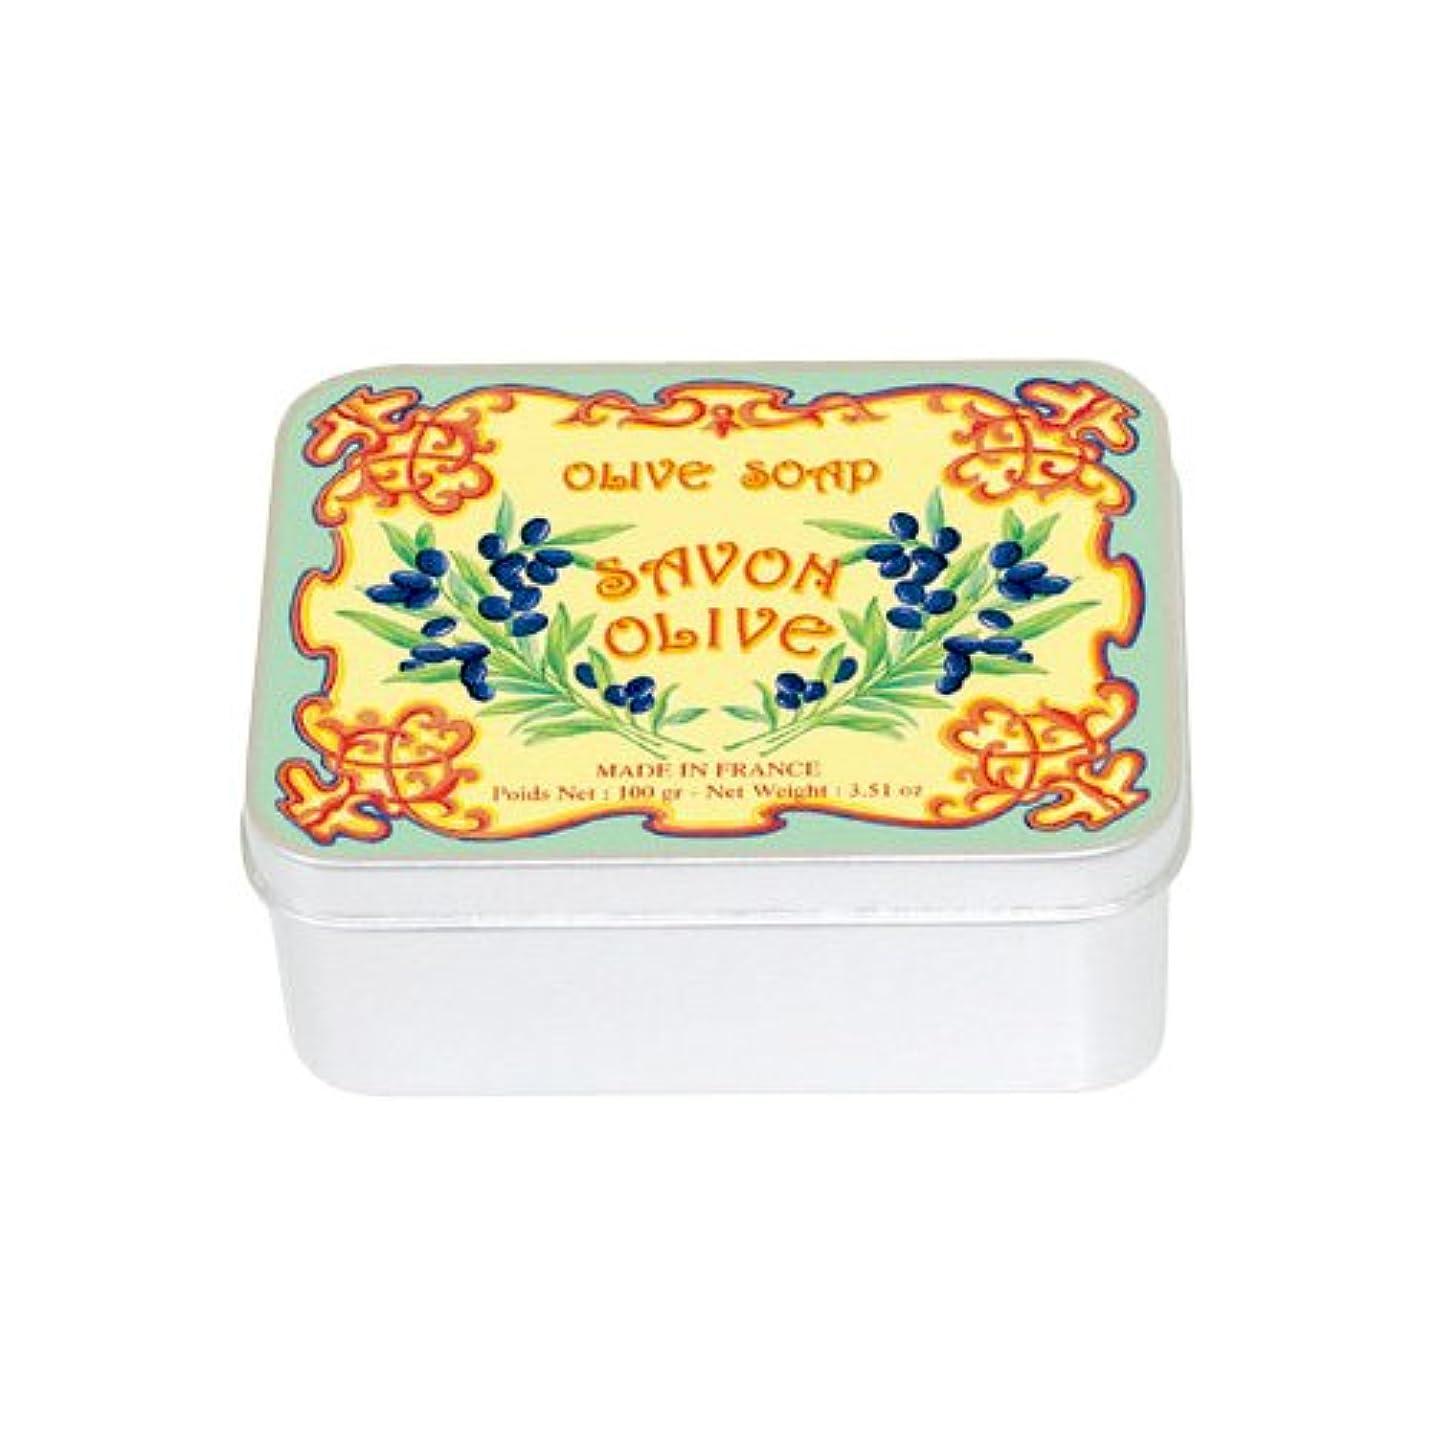 チャンピオンシップ歩道地下室ルブランソープ メタルボックス(オリーブの香り)石鹸